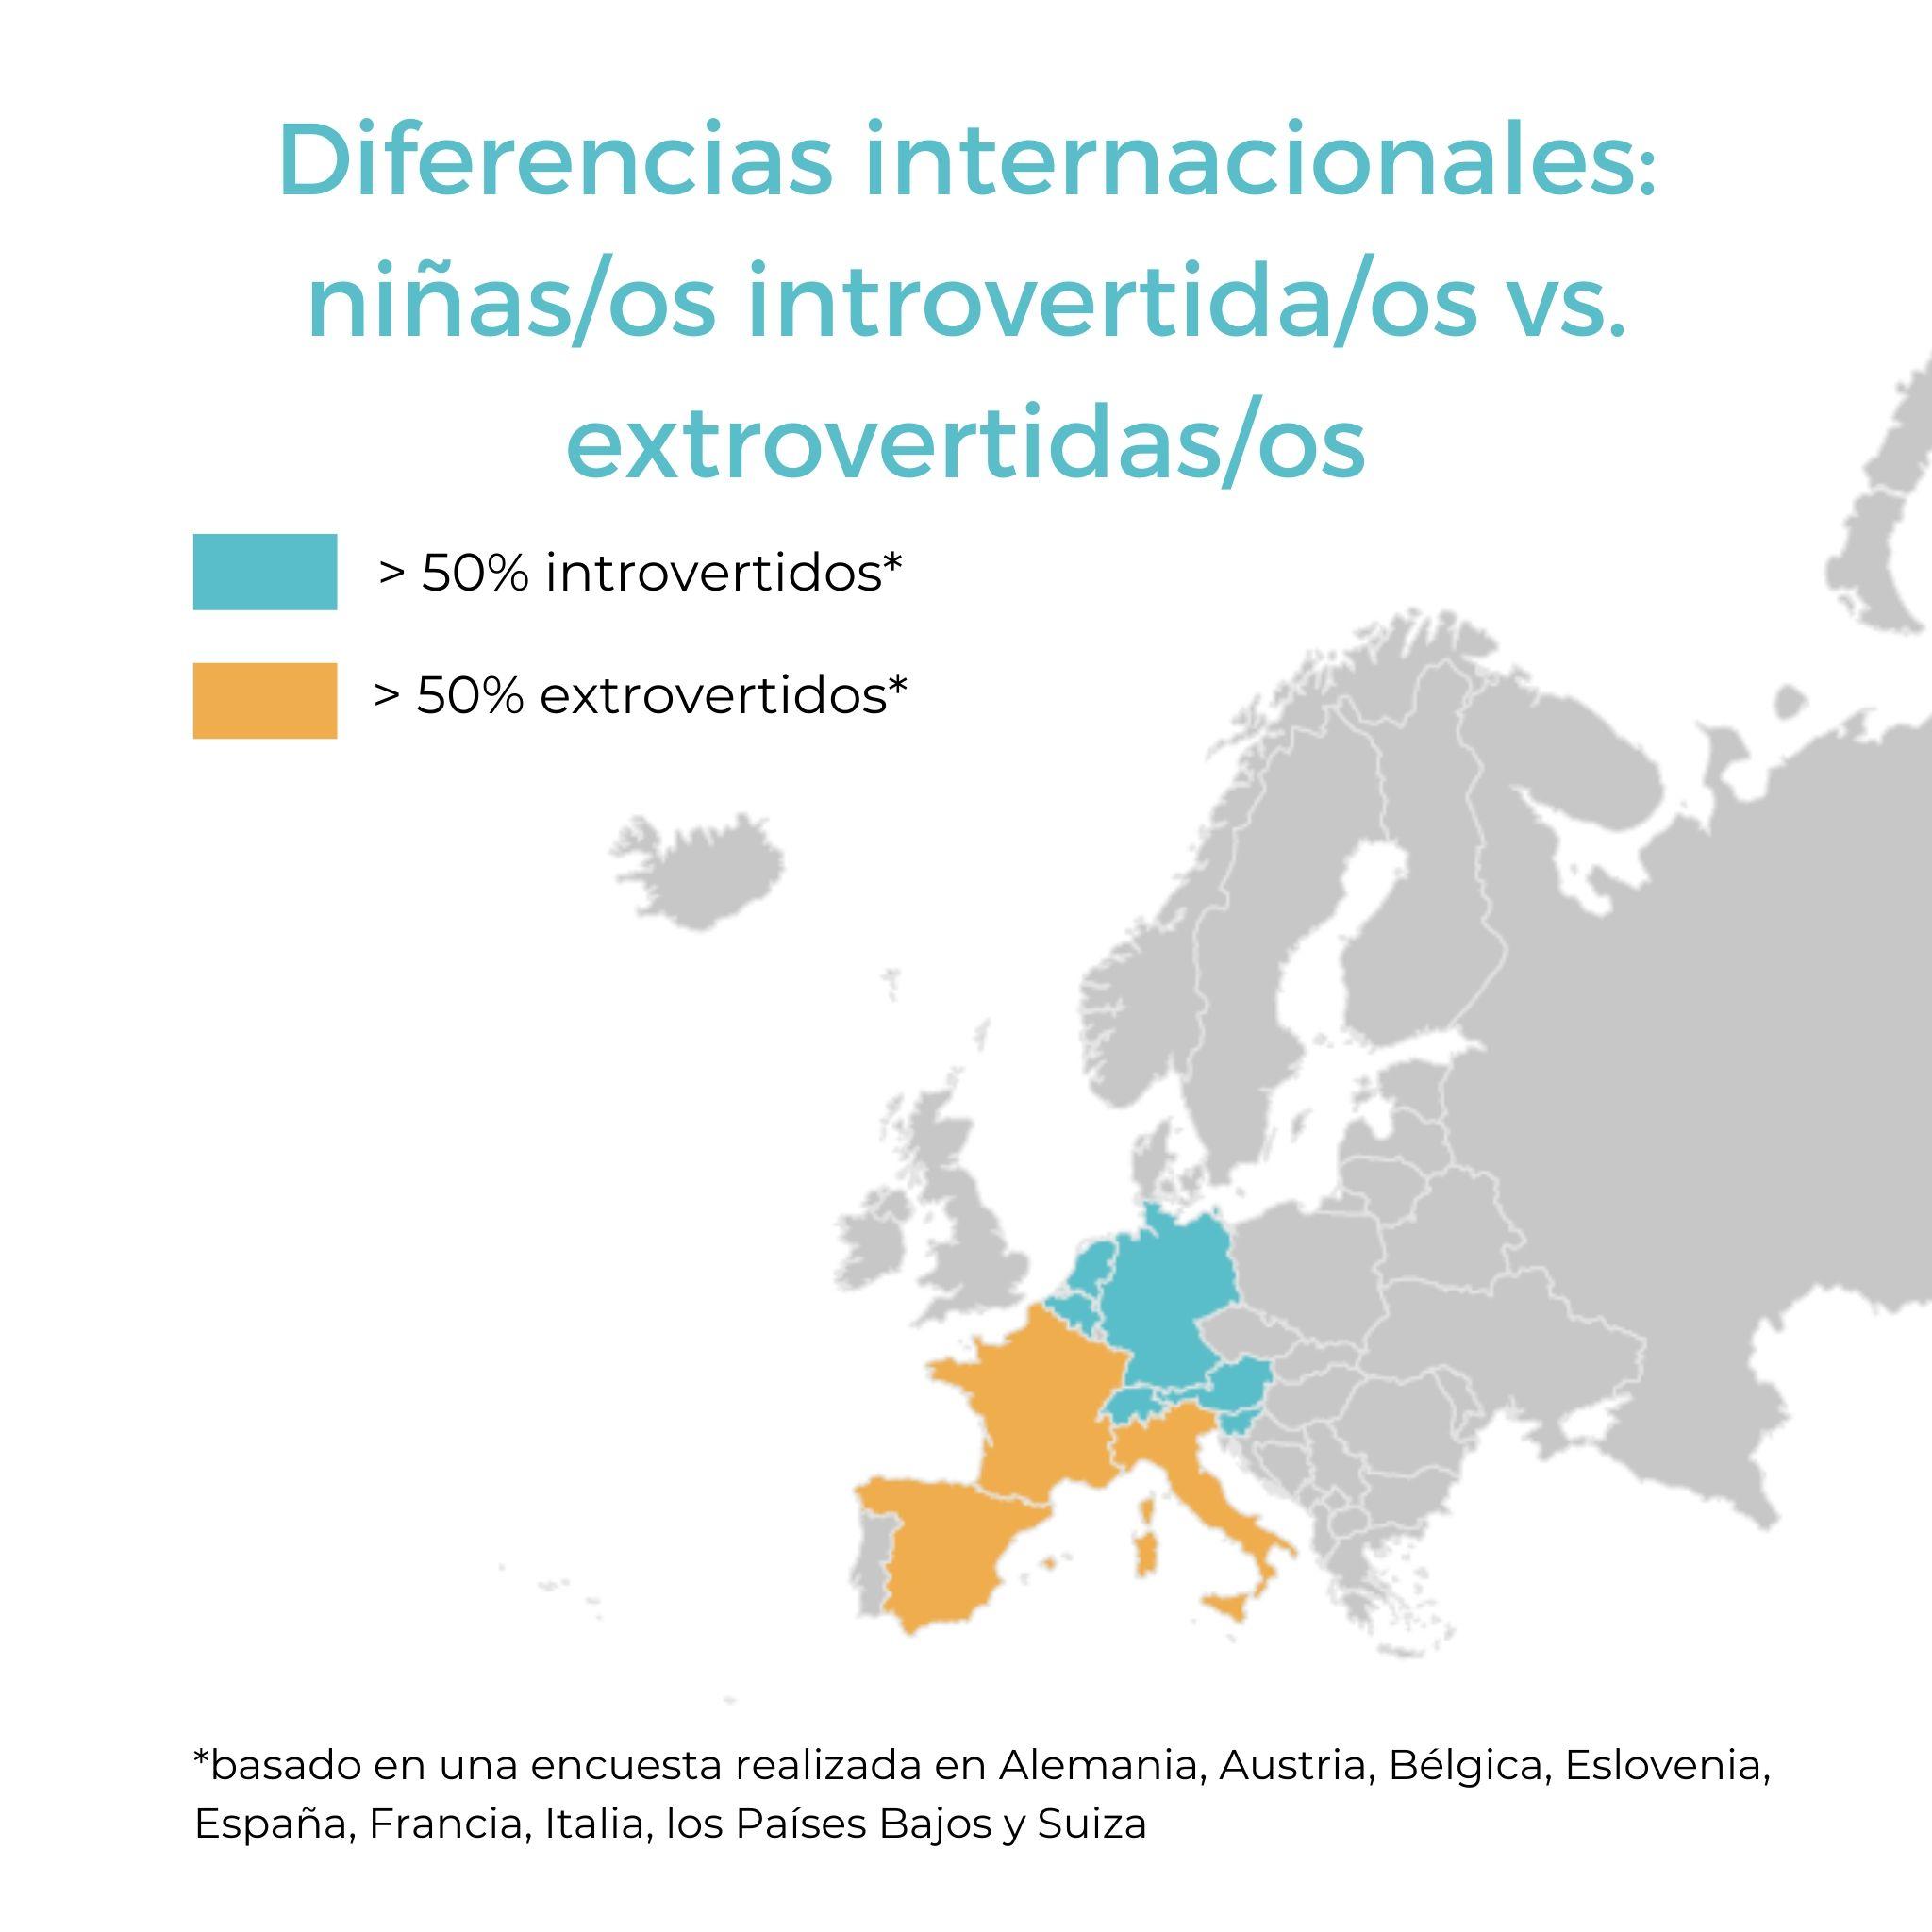 Niños introvertidos y extrovertidos en Europa